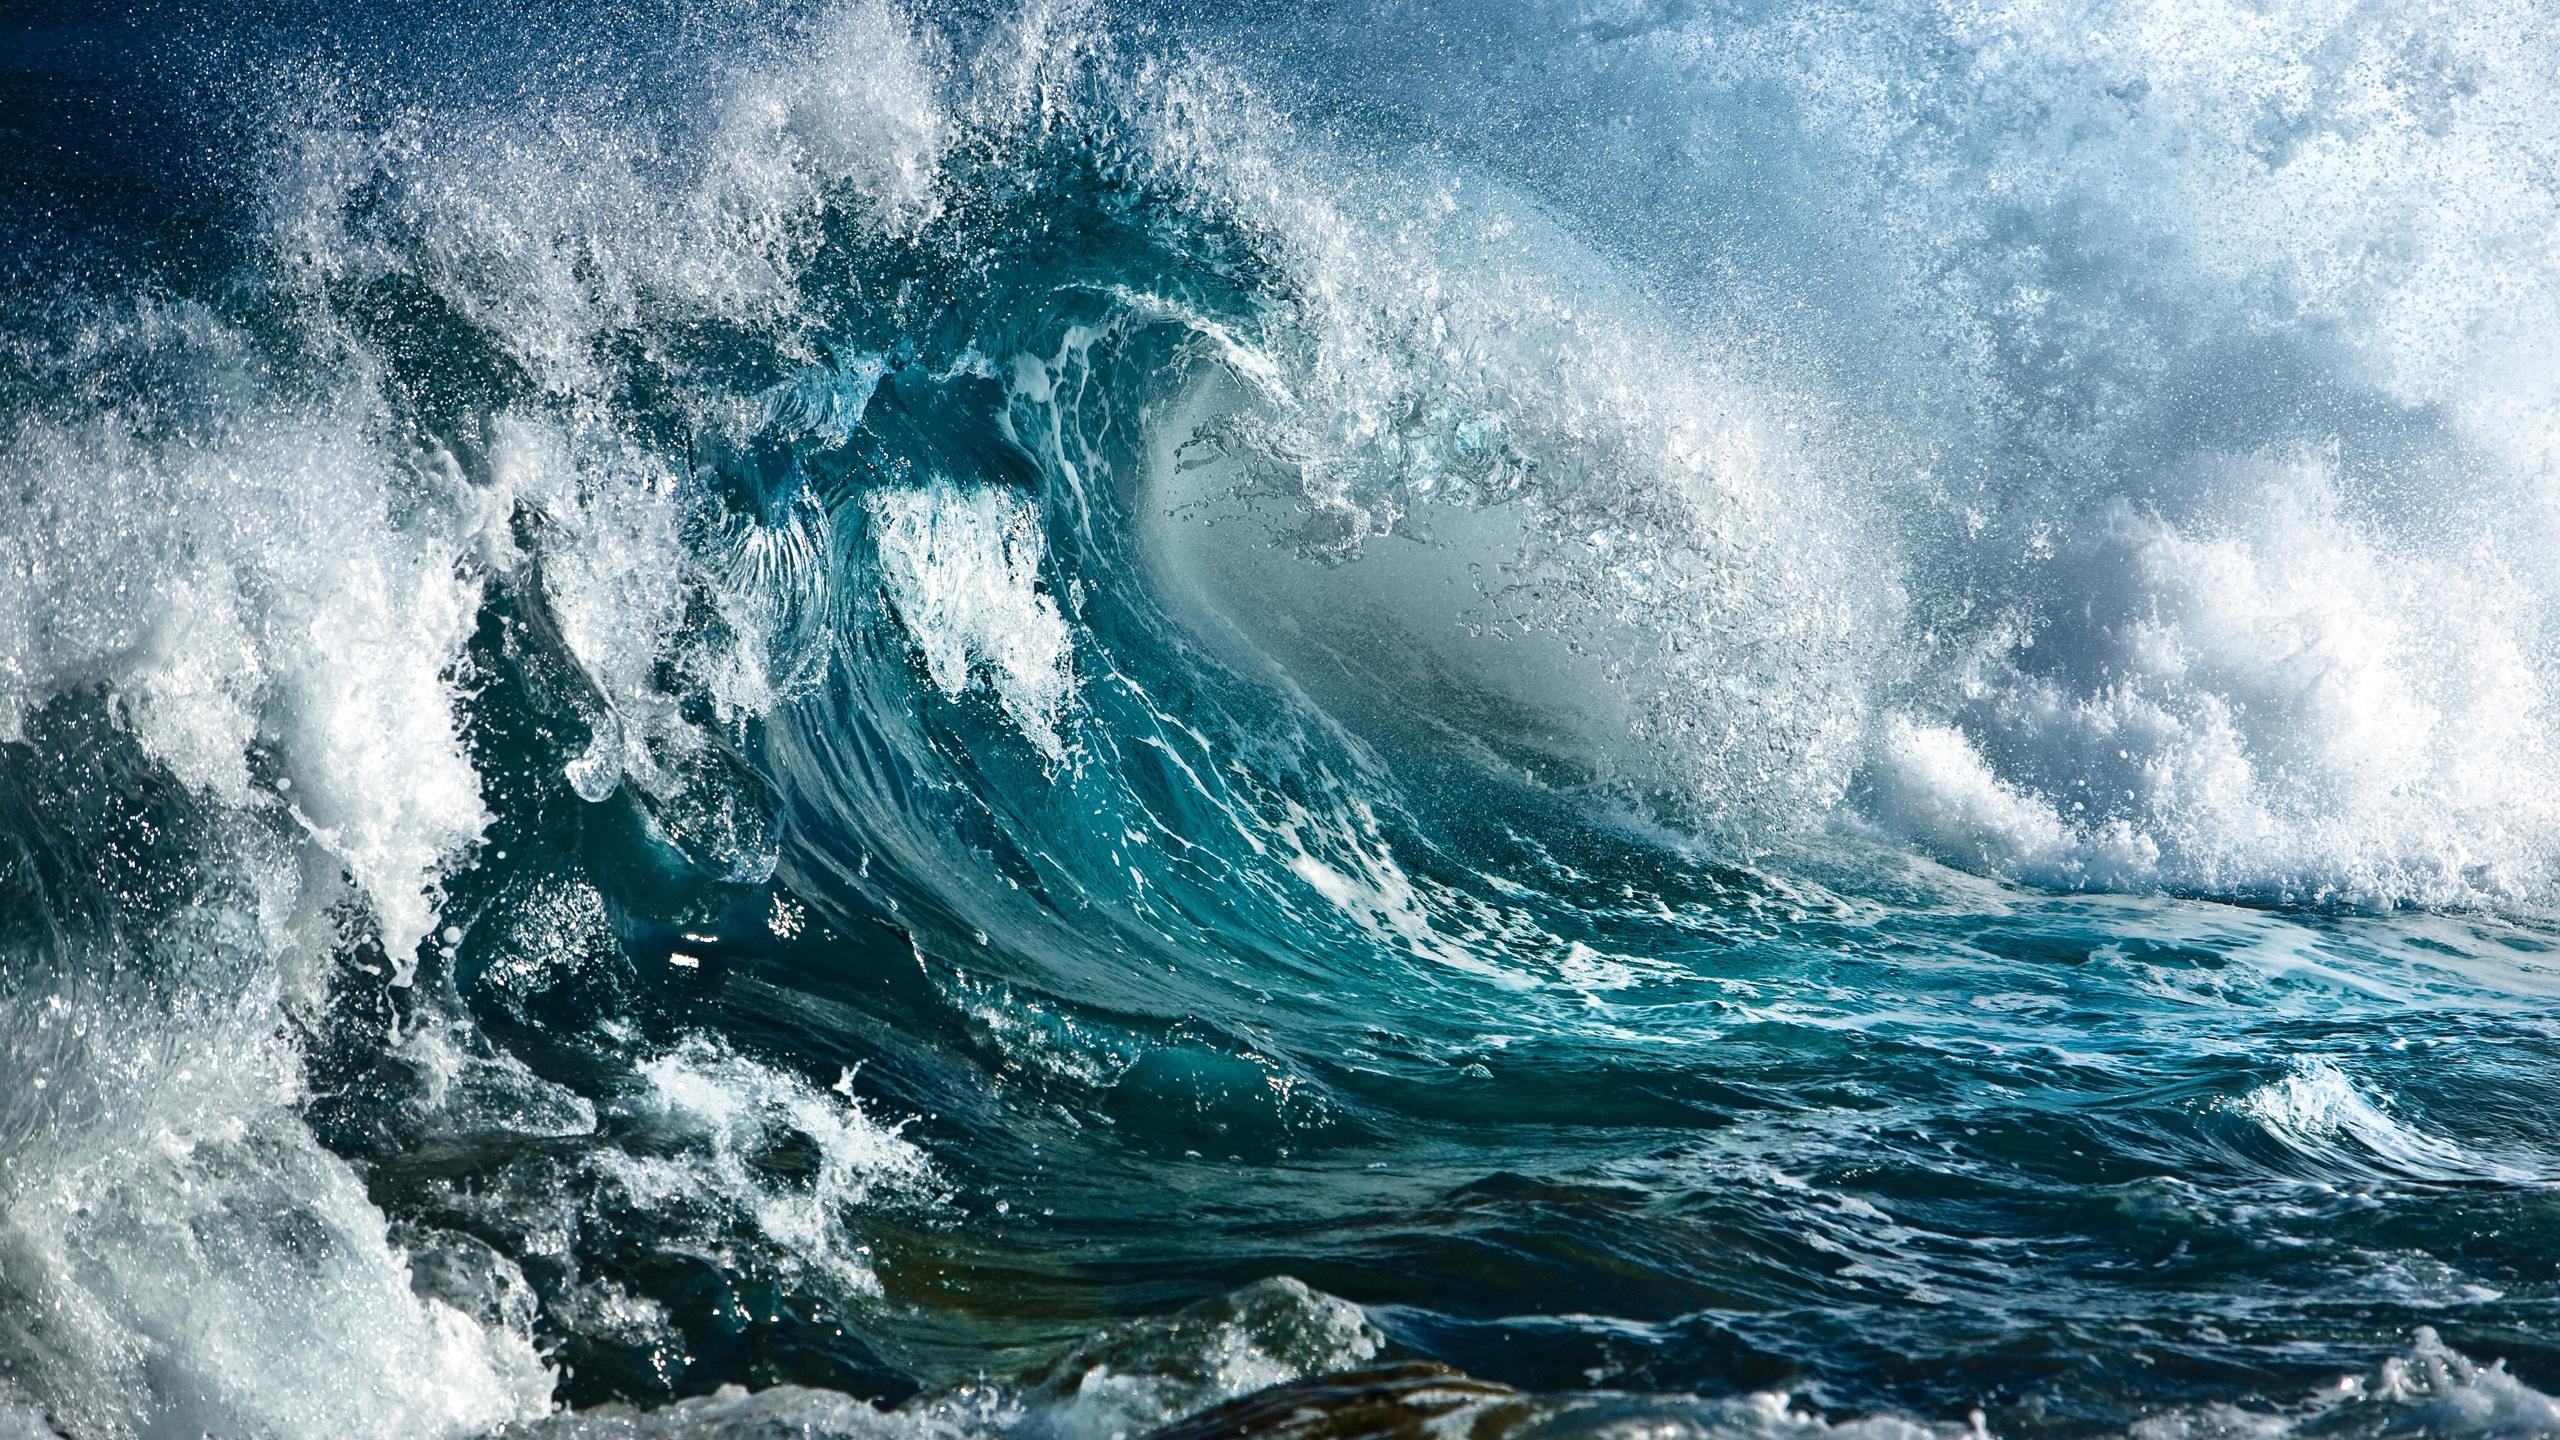 картинки волны на море стихия